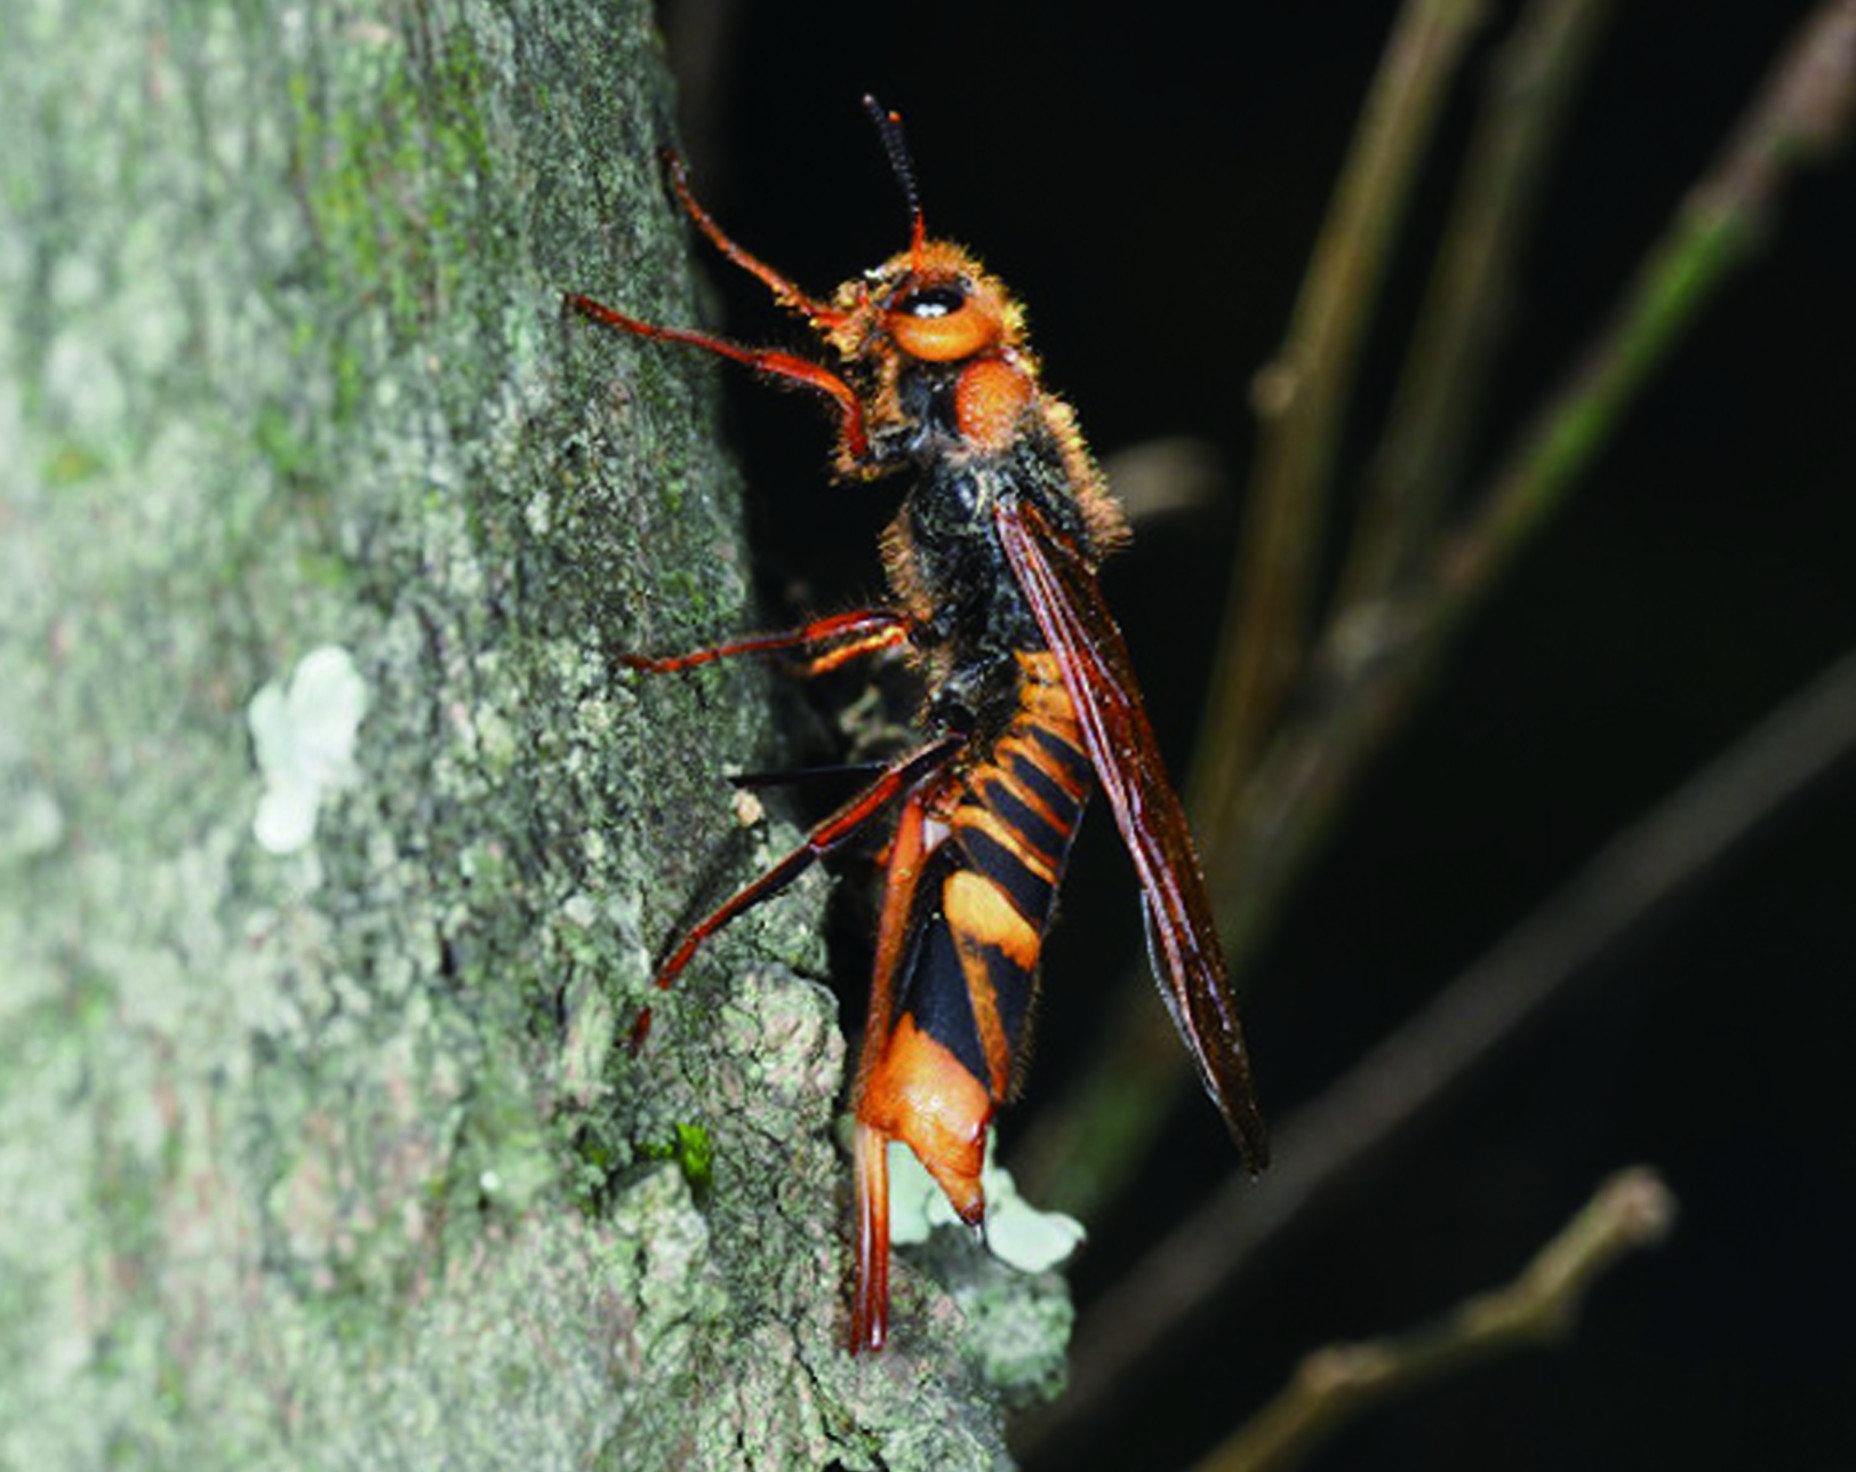 棕長腳蜂:黃長腳蜂之外還有一種更大的長腳蜂,叫做「棕長腳蜂」或「褐長腳蜂」, 體長可以來到四公分。與黃腳長蜂一樣屬於非常溫馴的蜂種,但因為極大的體型, 也時常被當成虎頭蜂遭滅盡。